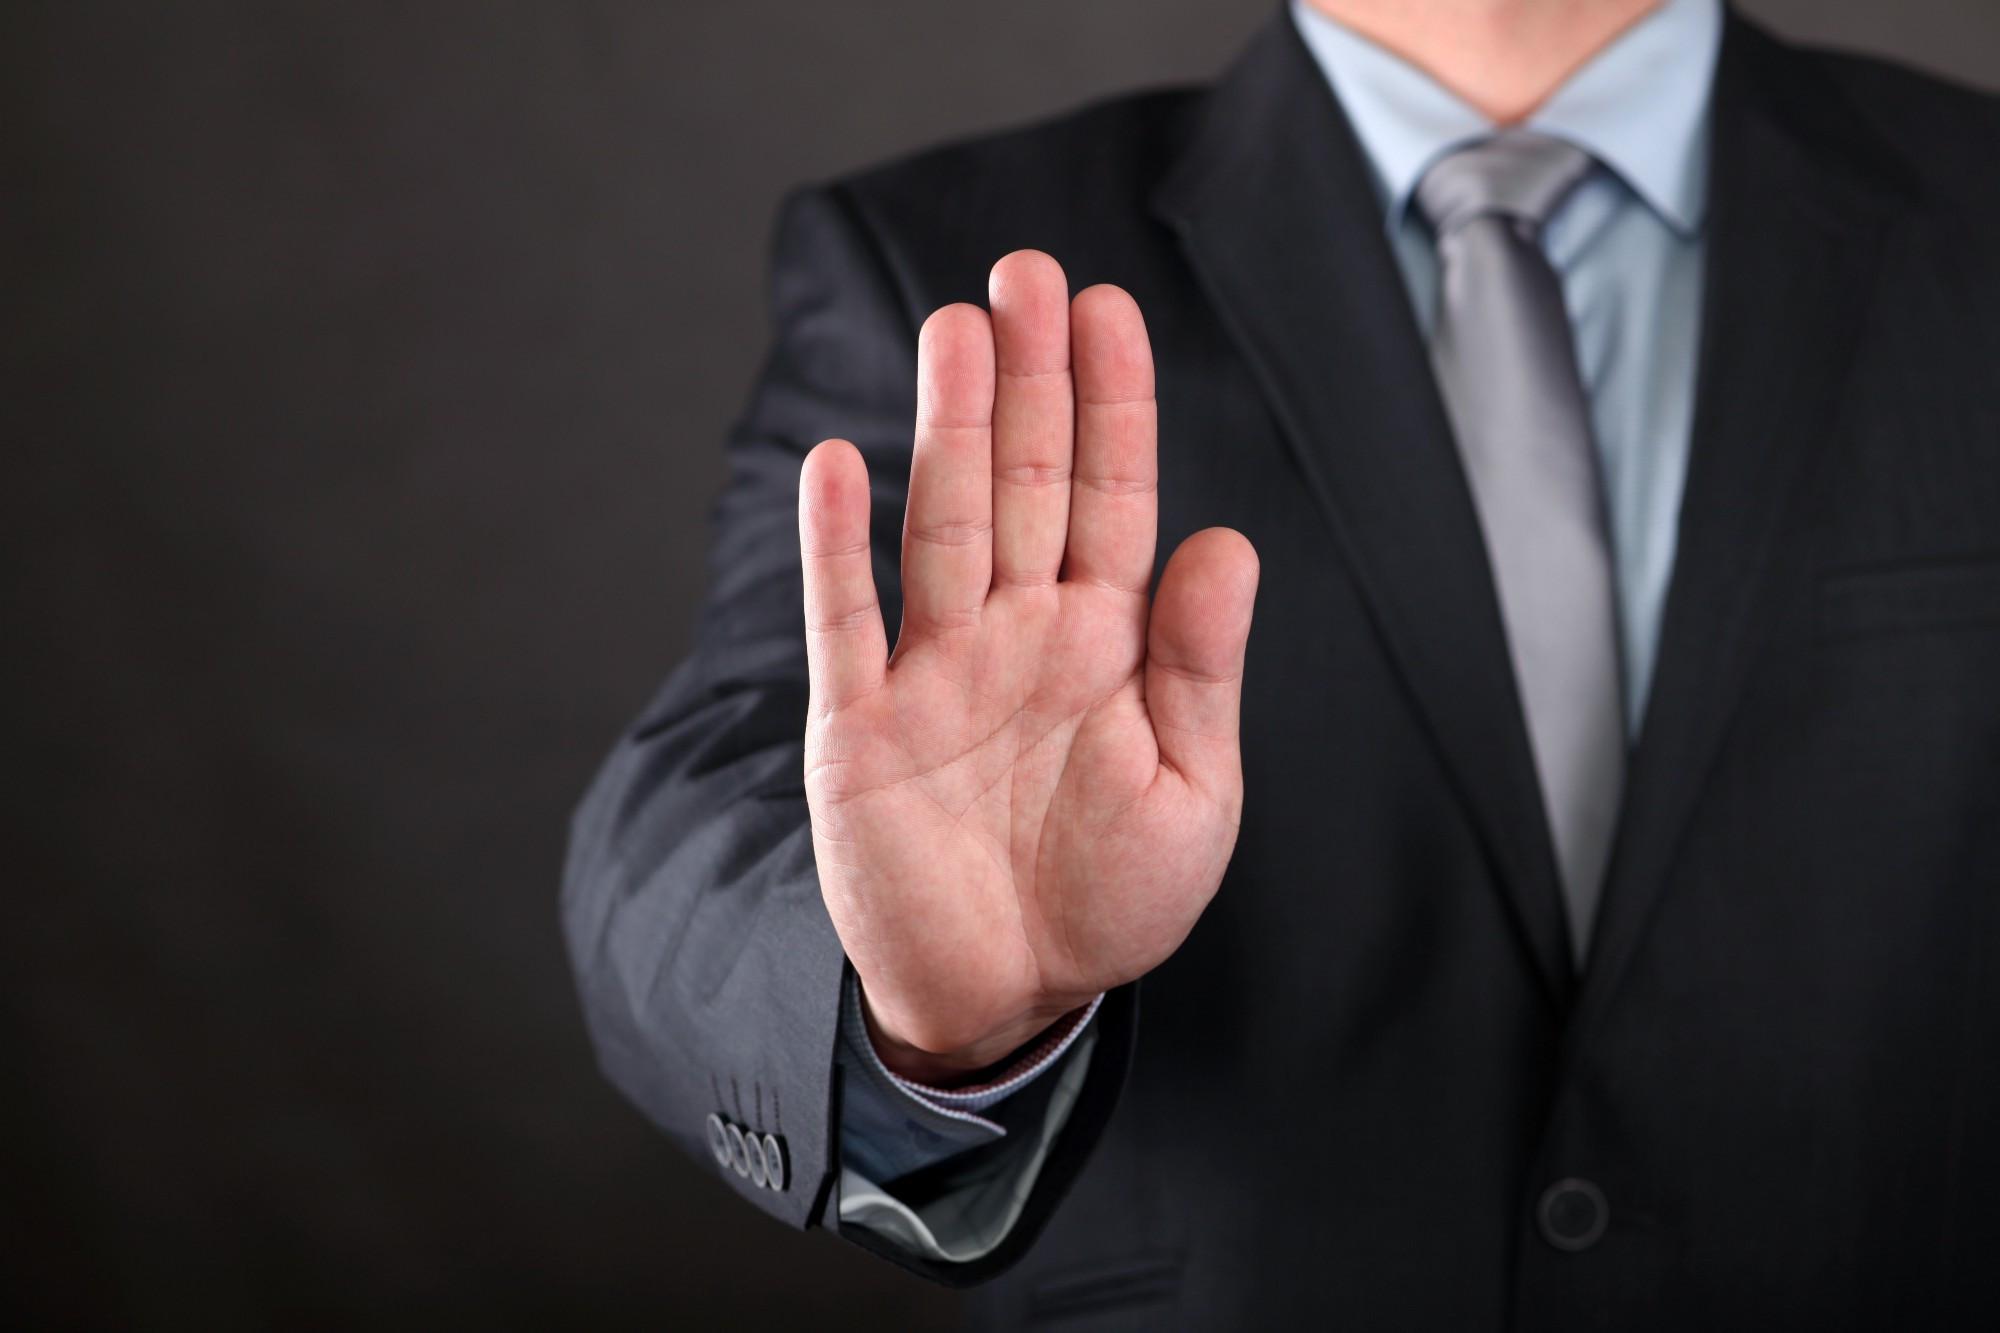 Уволенным заплатят - новый закон приняла Госдума